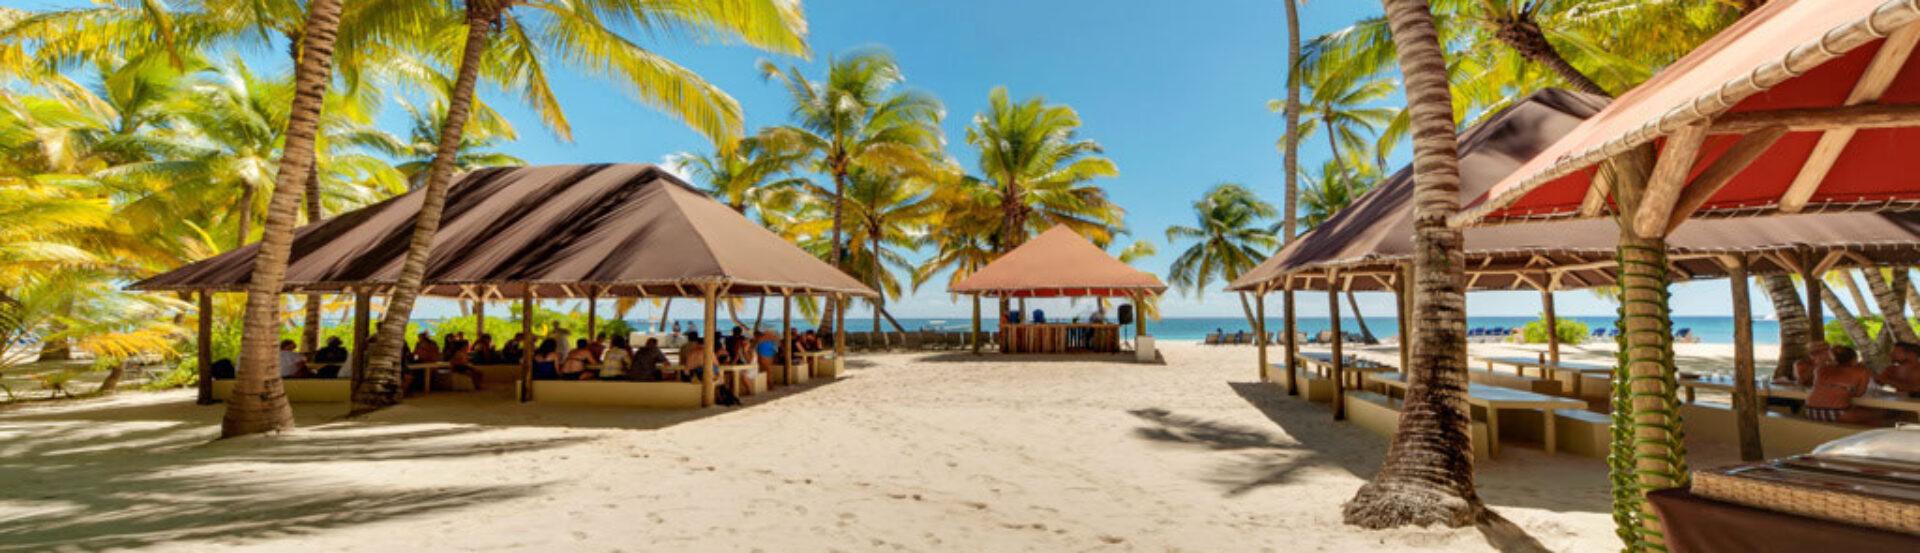 Playa Taino